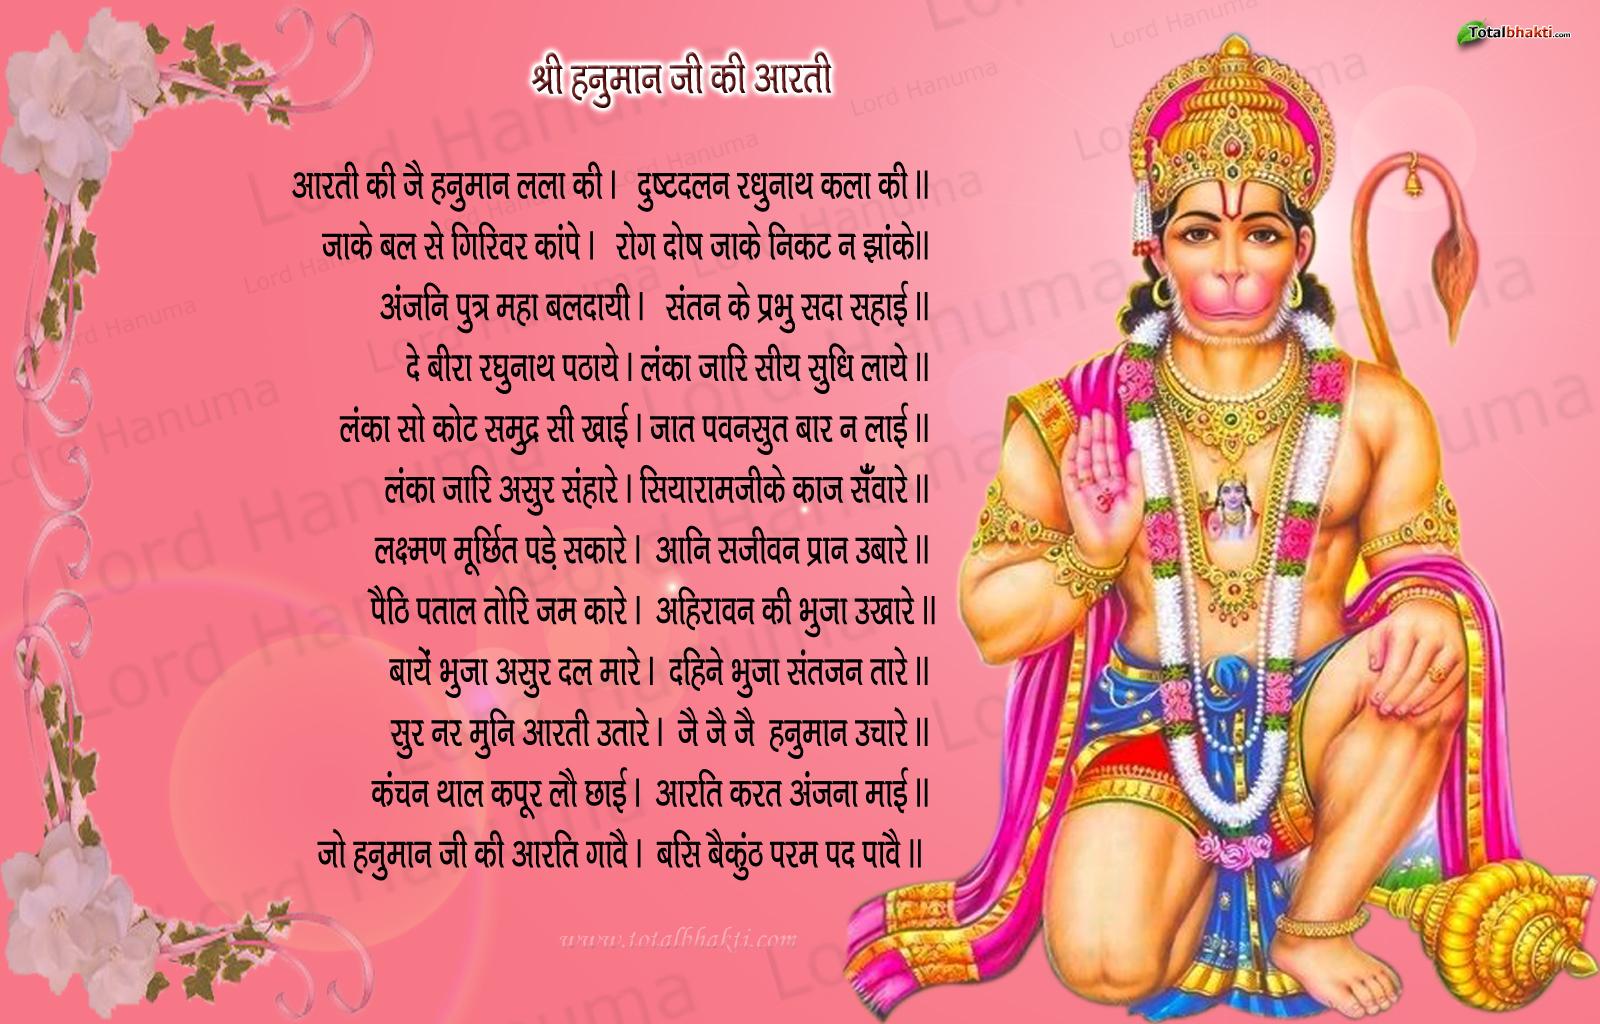 http://2.bp.blogspot.com/-0QIl2FXRUWc/TuUFlRWirtI/AAAAAAAAAPc/mNS4ZMN-MqM/s1600/Hanuman-Aarti-Wallpaper-1366.jpg